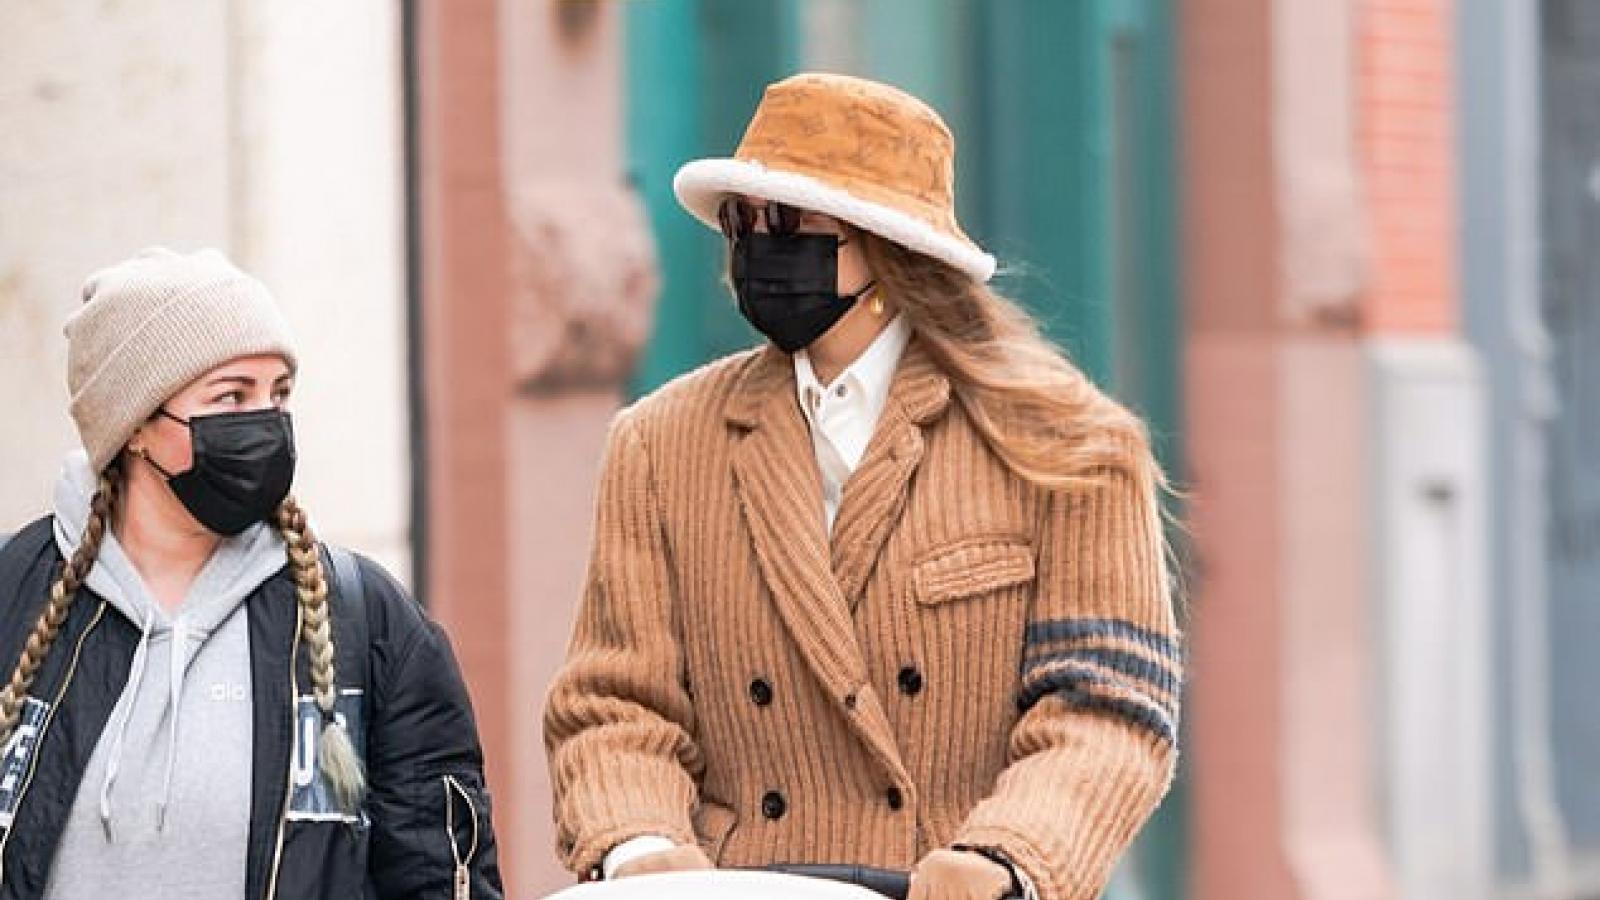 Gigi Hadi diện đồ LV đi dạo cùng con gái tại Manhattan